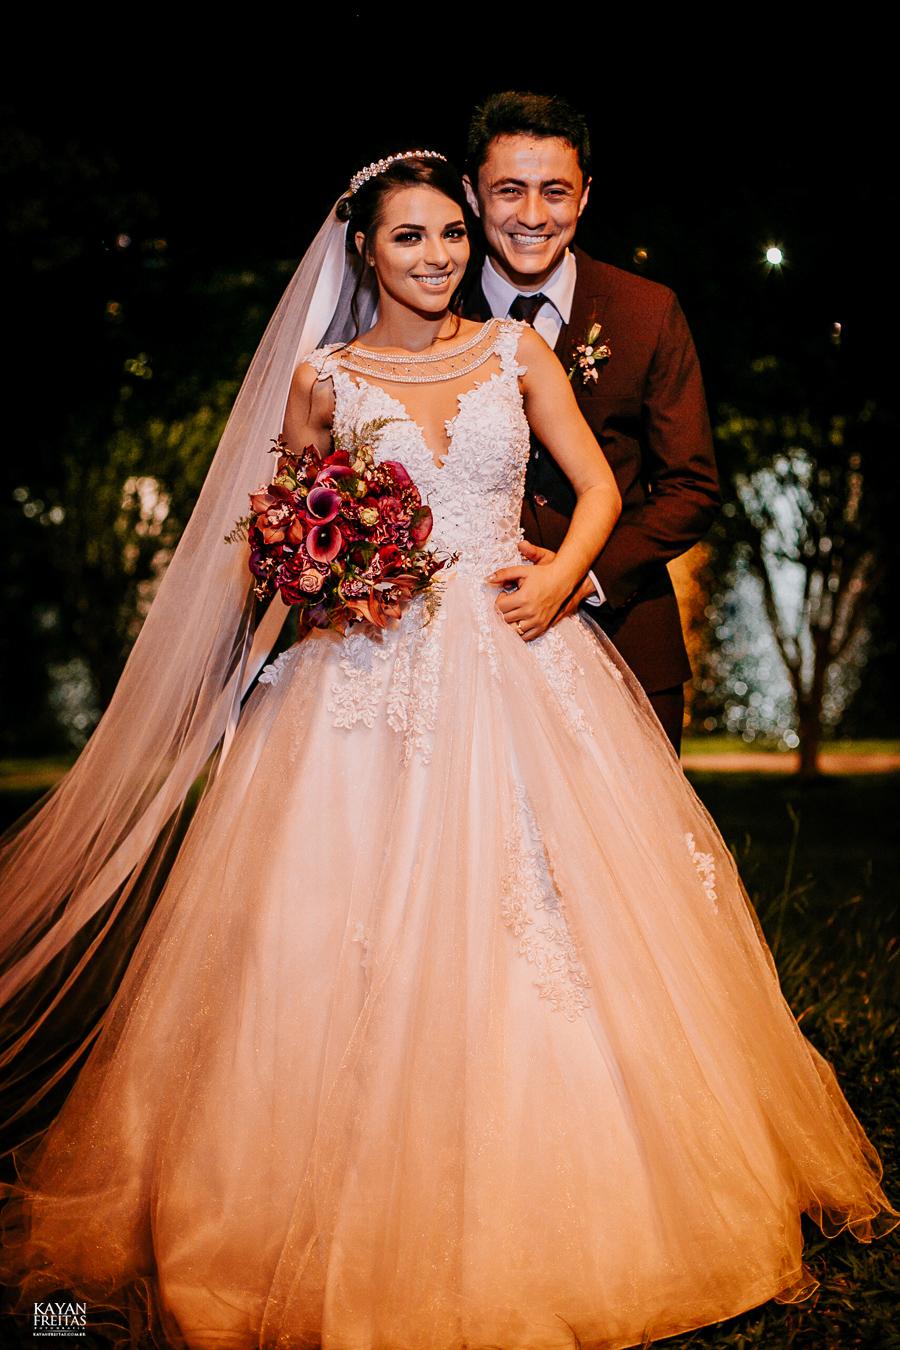 luiza-jean-casamento-0089 Casamento Luiza e Jean - Lira Tênis Clube Florianópolis